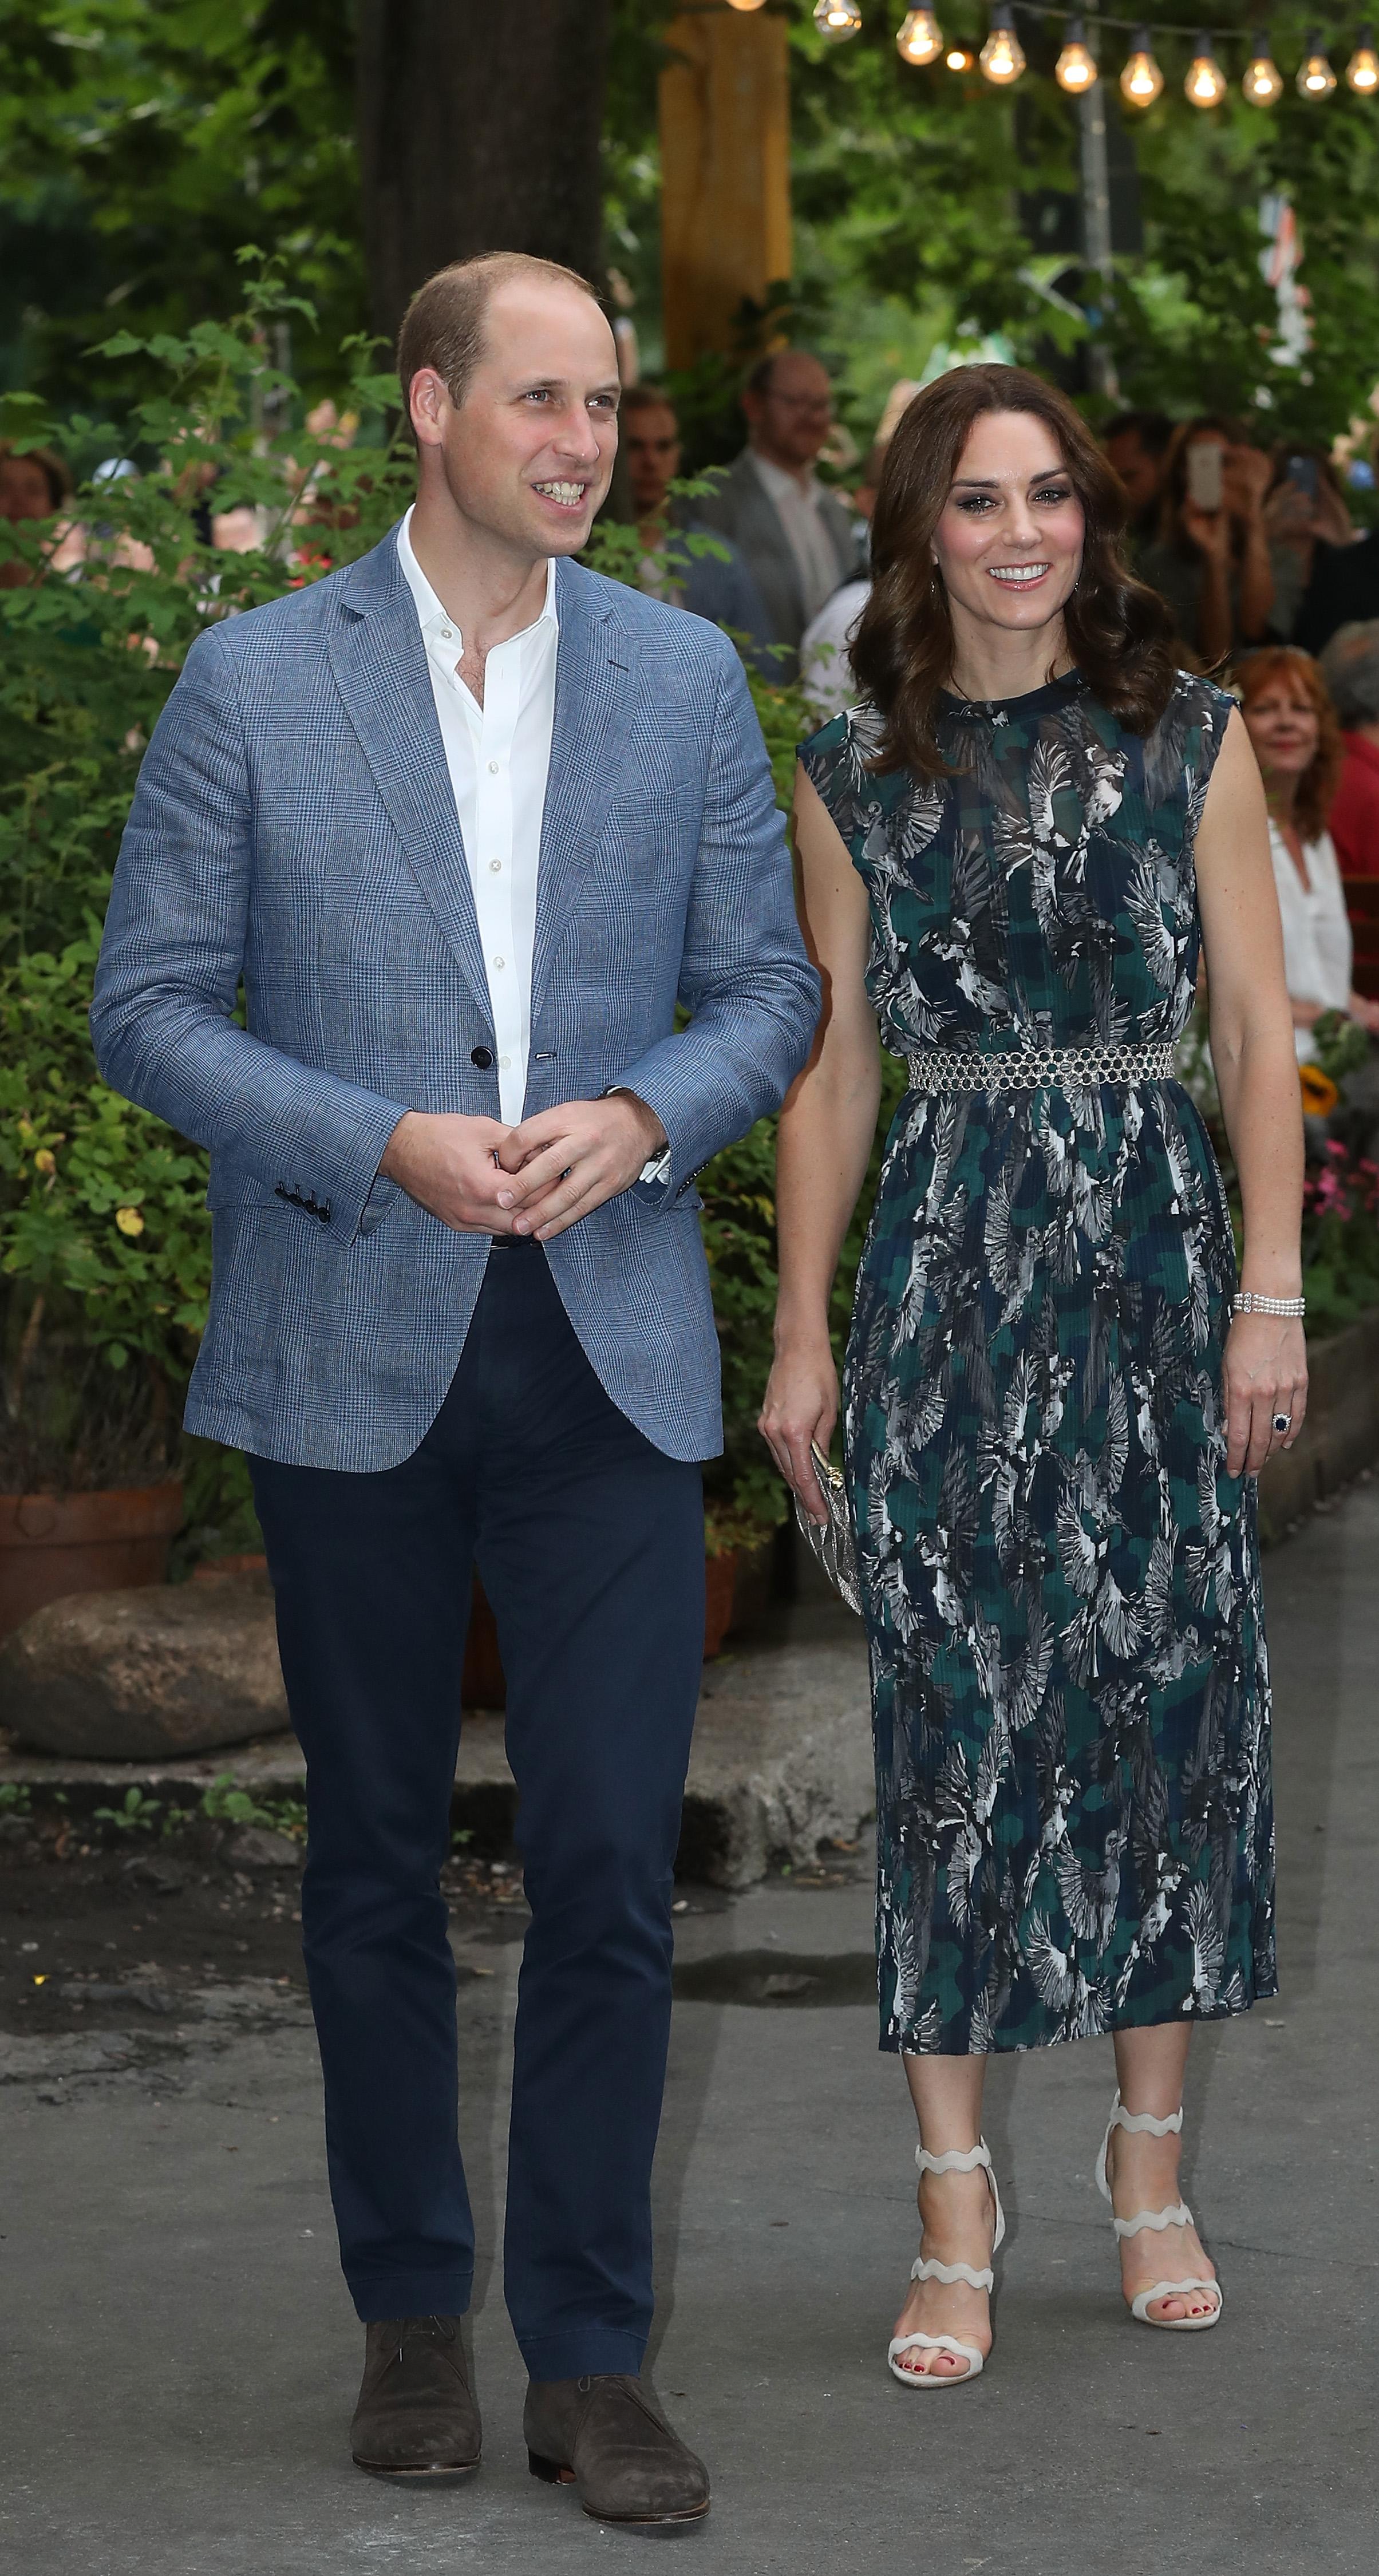 Най-възрастната булка в историята на монархията<br /> Кейт и Уилям имат връзка от 2003 г., но решават да я узаконят чак през 2011 г., когато херцогинята е на 29 години. Така тя става най-възрастната булка на наследник на трона в историята на монархията.